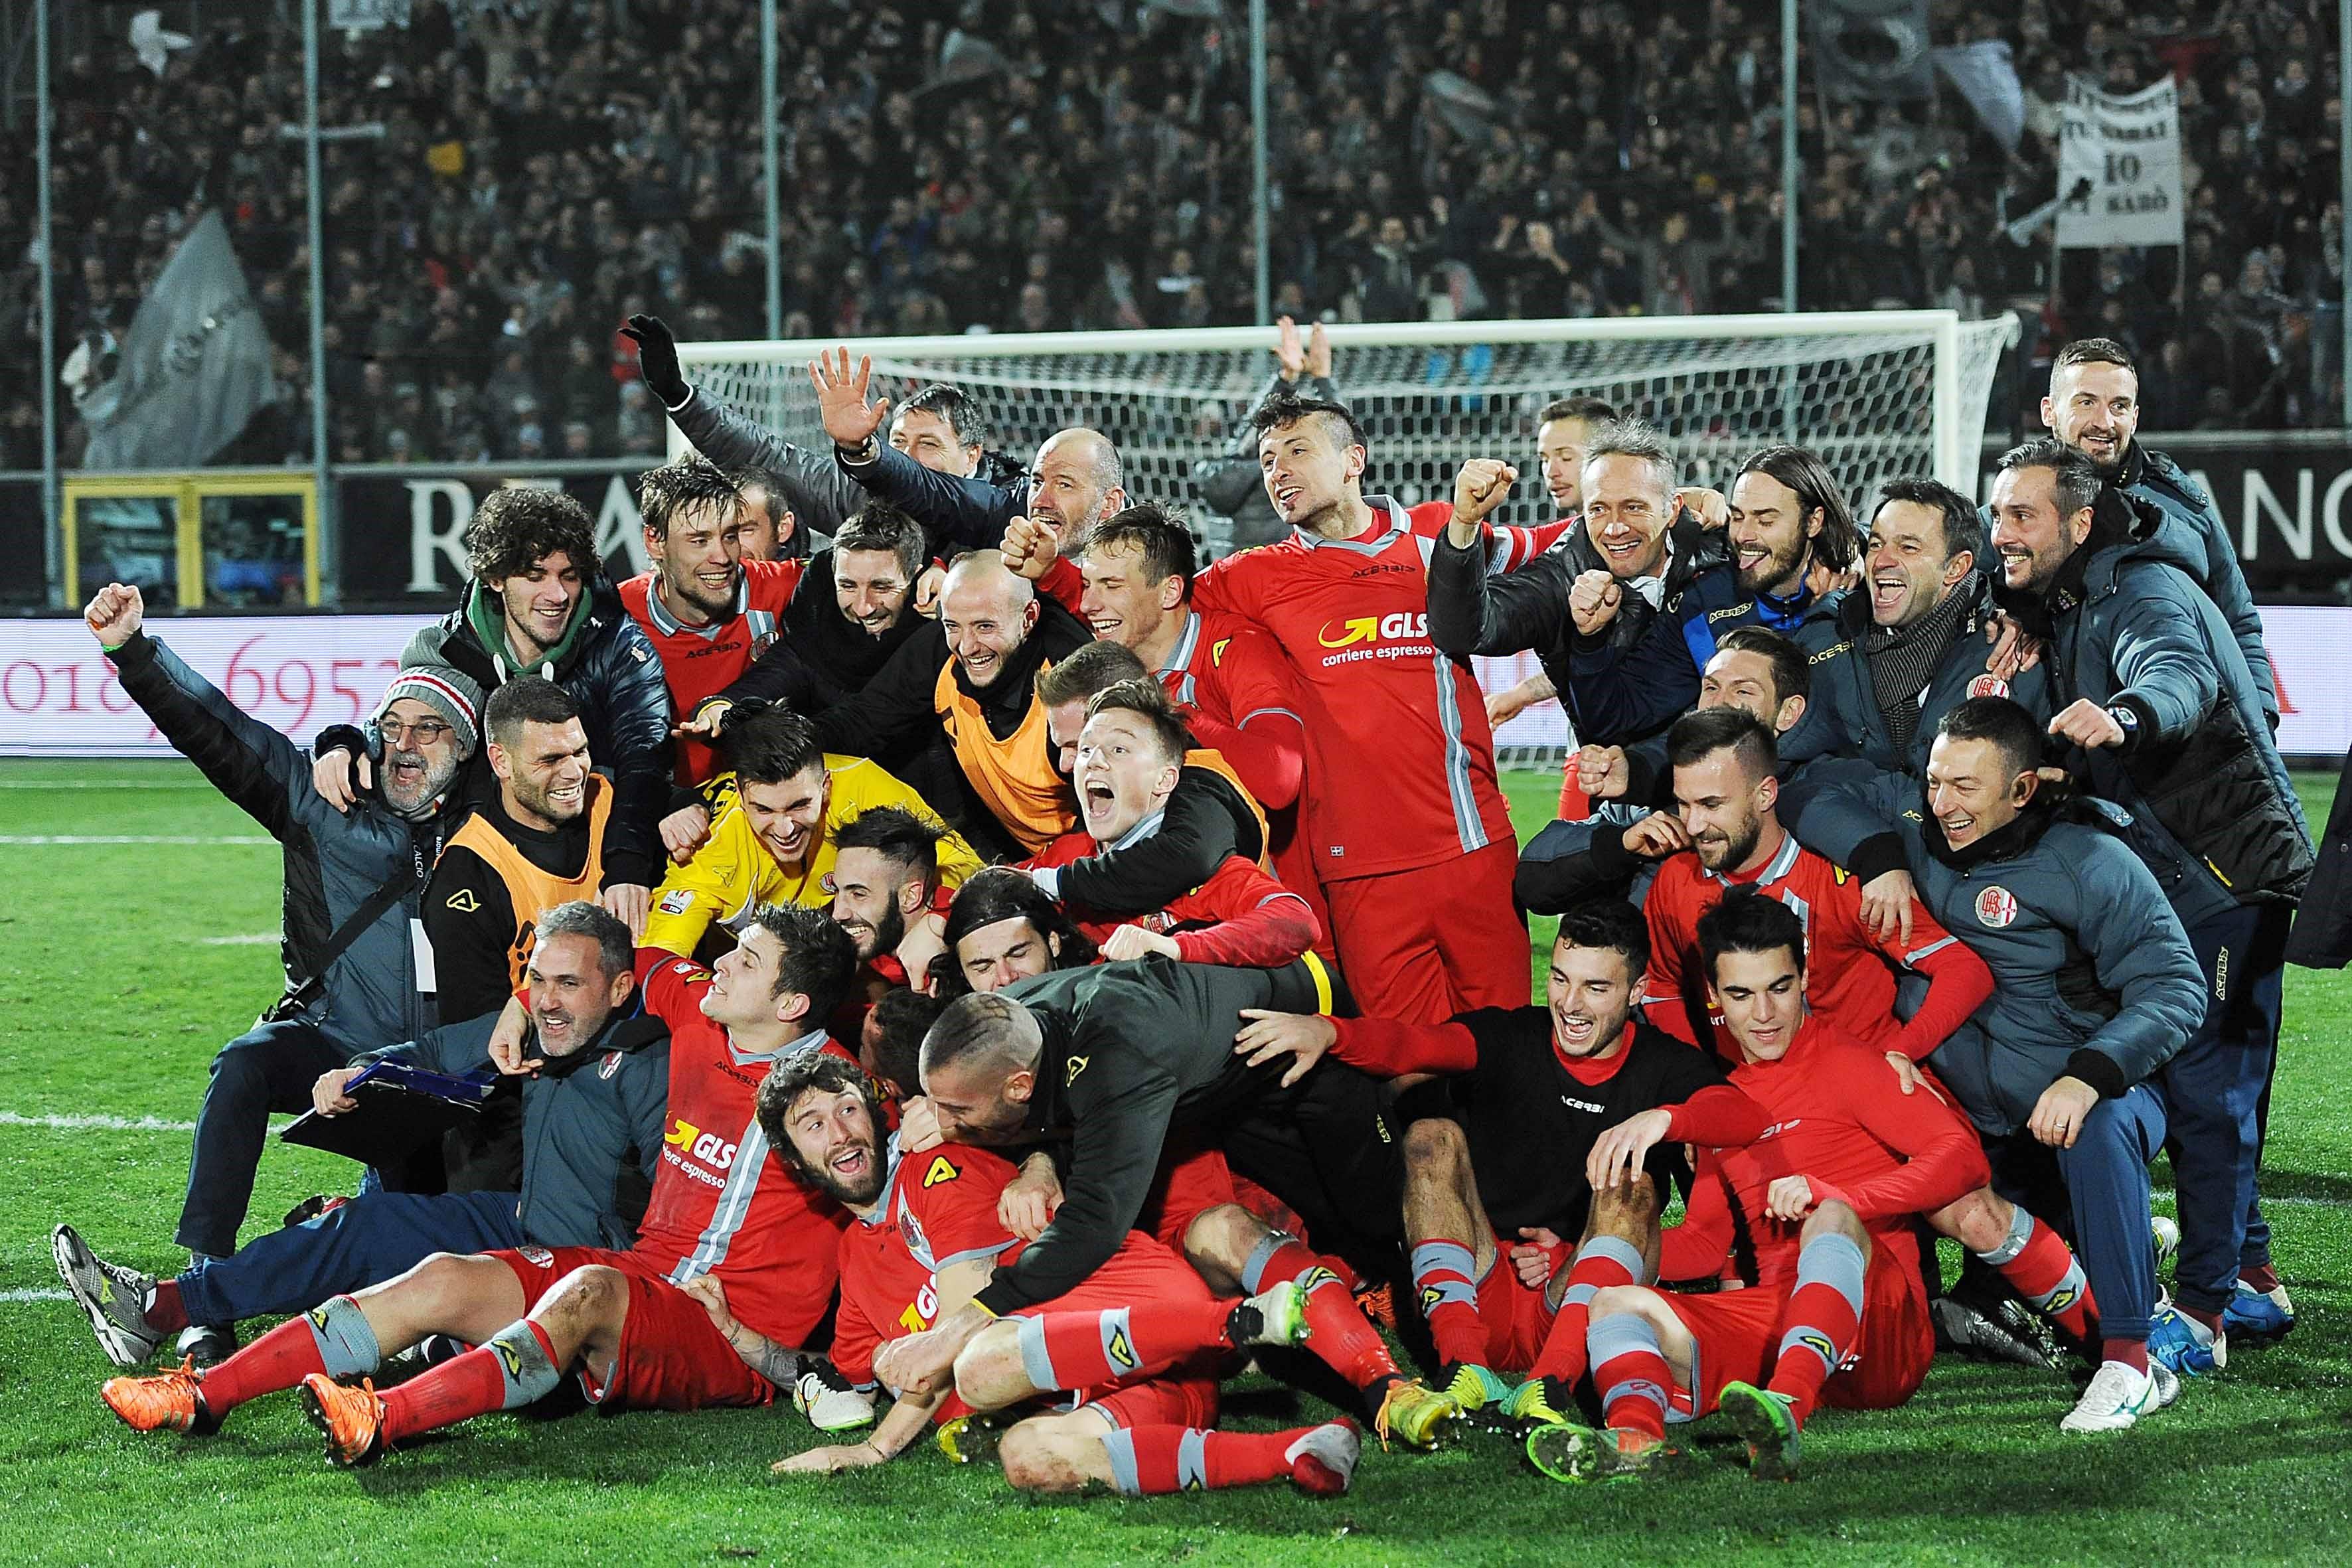 Coppa Italia 2016, Spezia-Alessandria: i Grigi centrano una storica qualificazione alla semifinale di Tim Cup